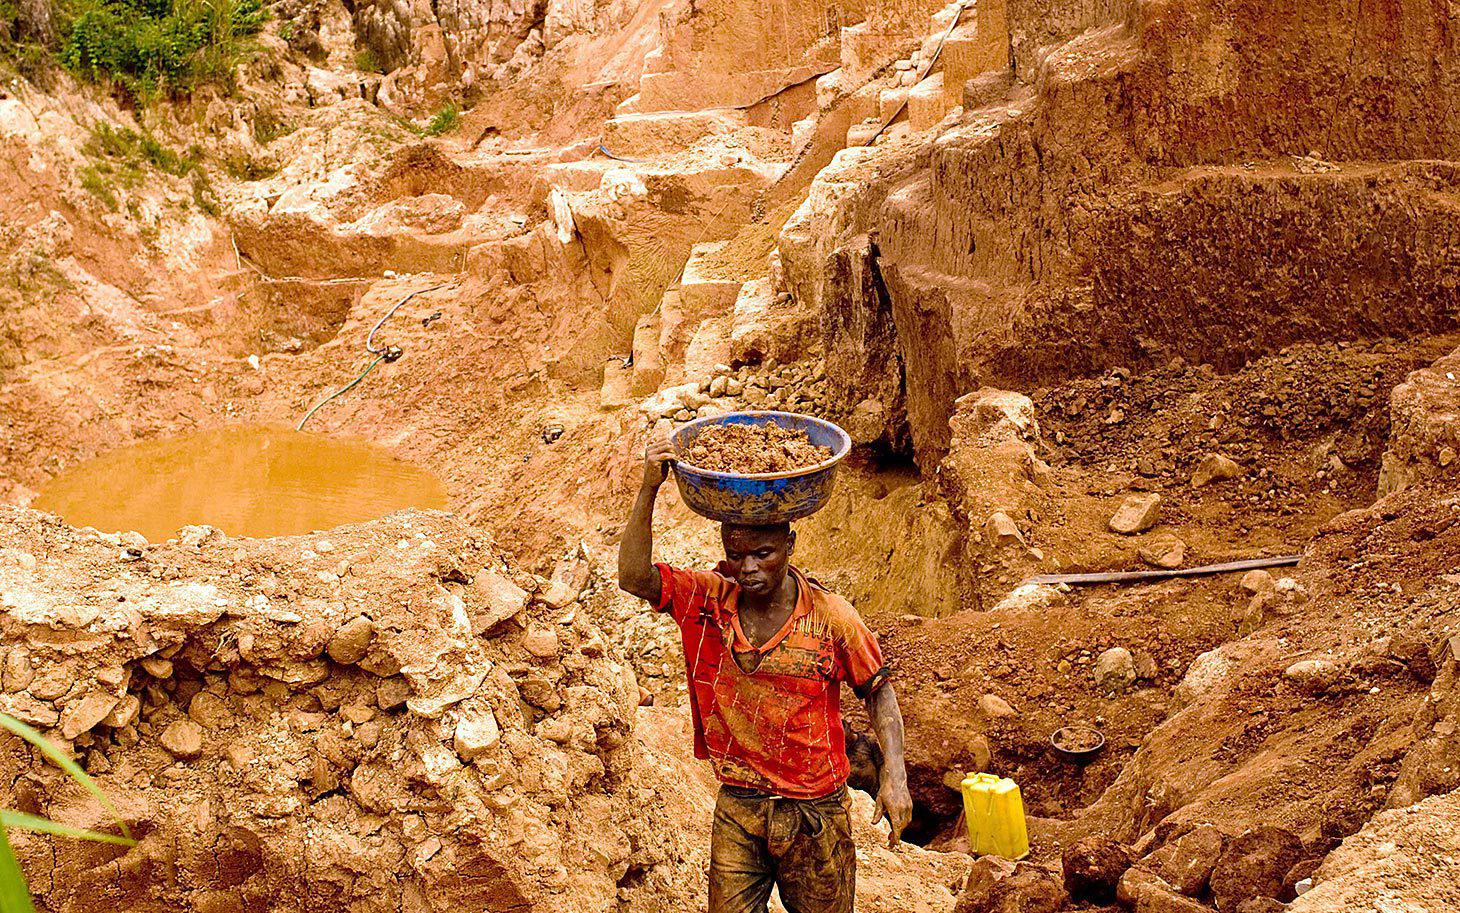 большой сувенир мавритания природные ископаемые фото встречу сделал